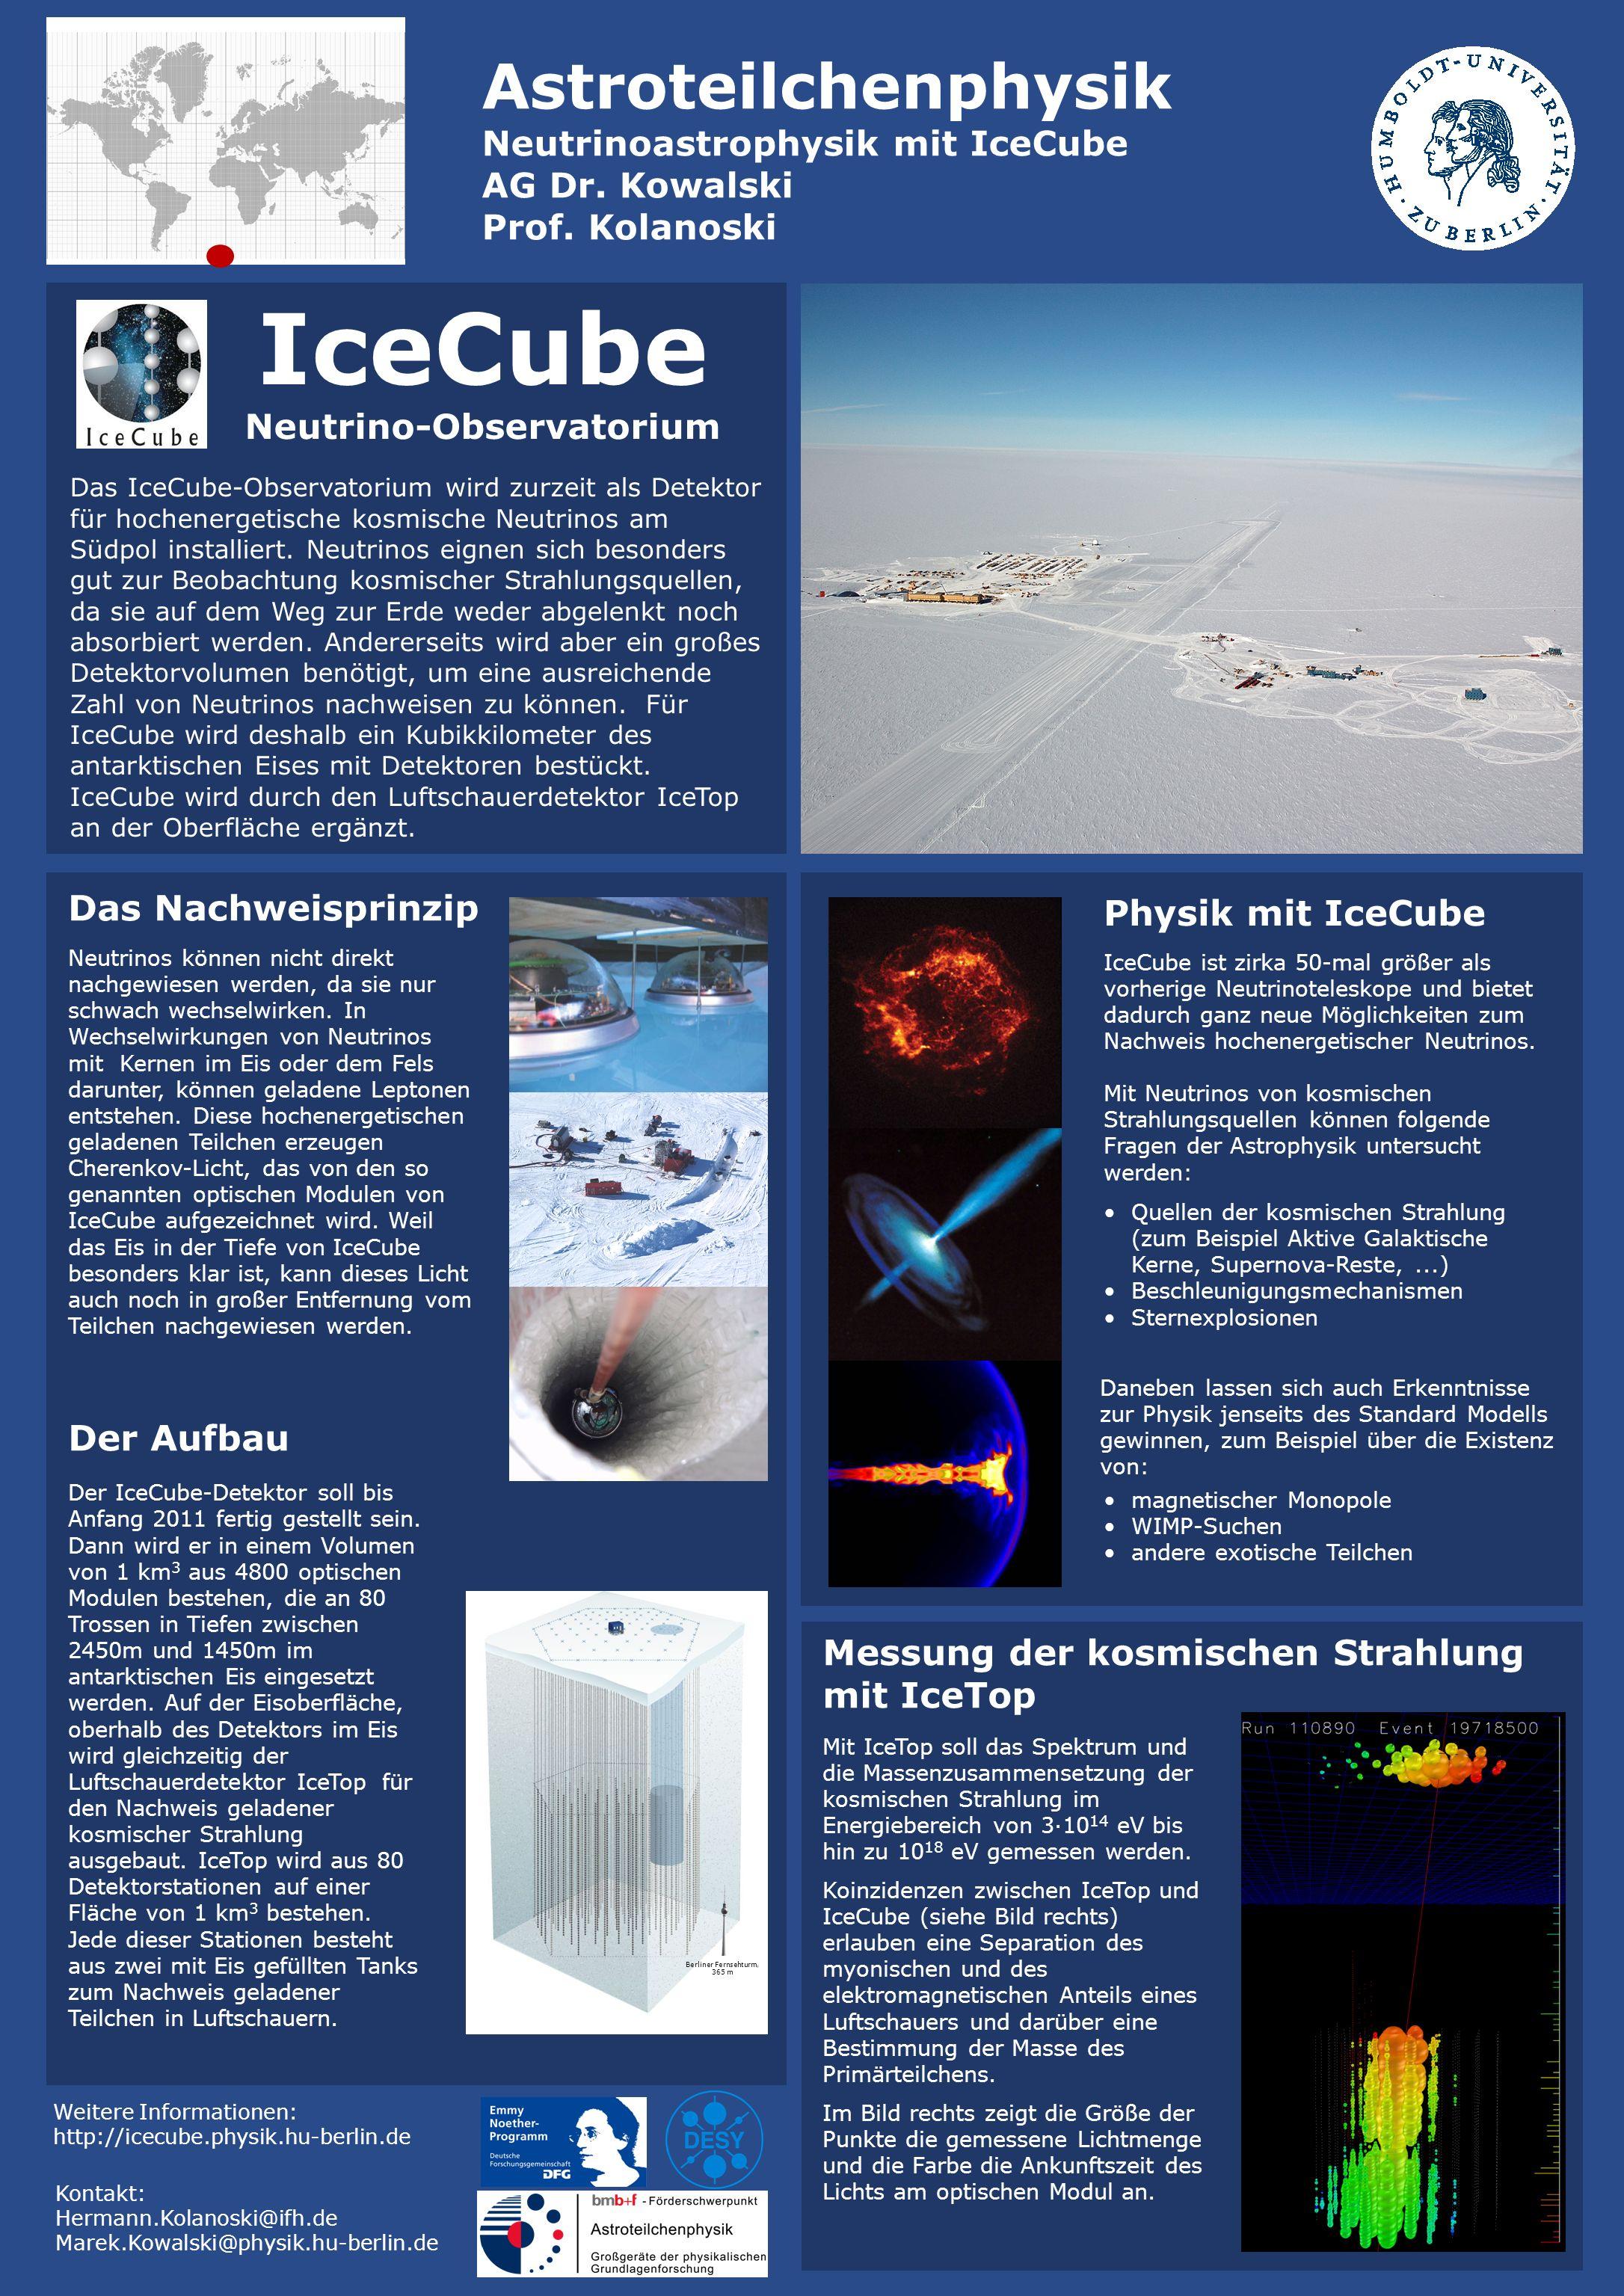 IceCube Neutrino-Observatorium Das IceCube-Observatorium wird zurzeit als Detektor für hochenergetische kosmische Neutrinos am Südpol installiert. Neu